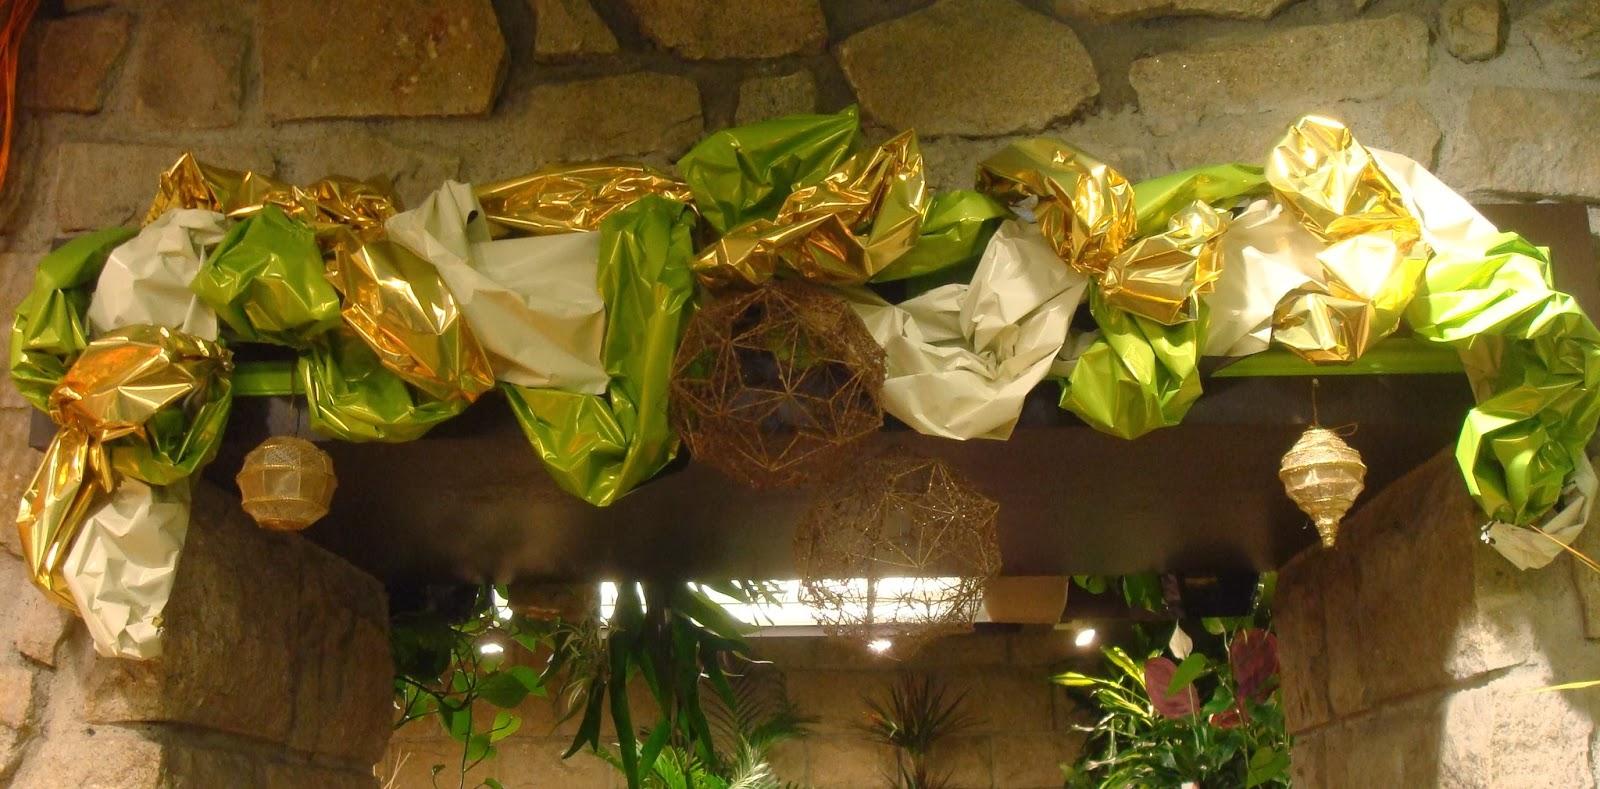 Extrêmement Fleuriste Isabelle Feuvrier: Décoration de nos vitrines Noël 2013 FE06